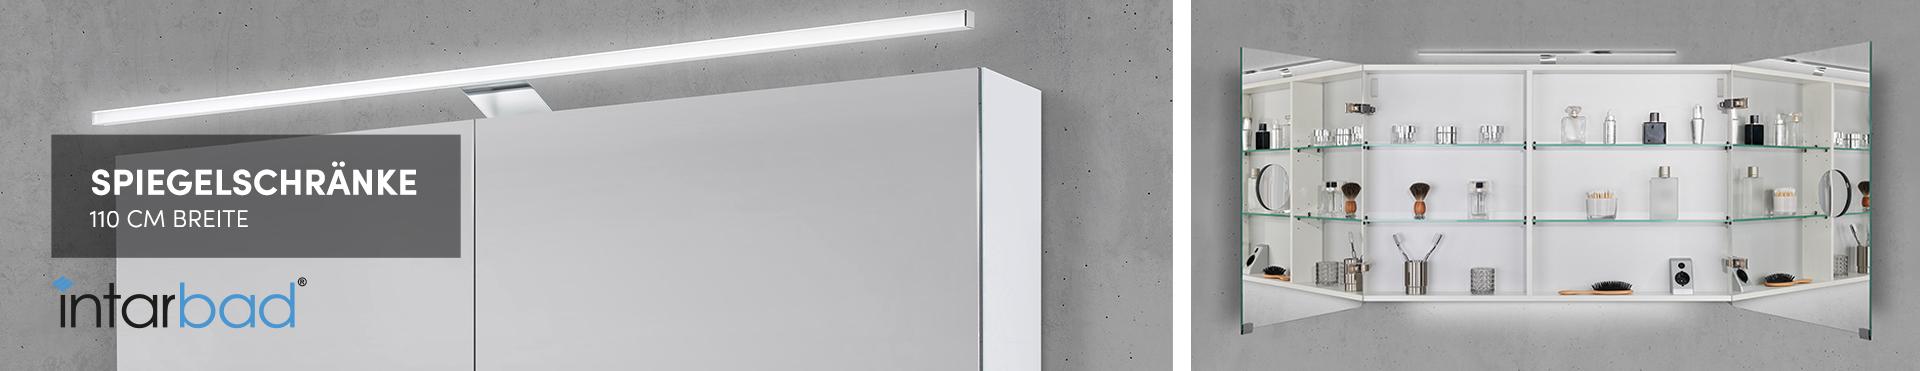 110 cm Spiegelschränke